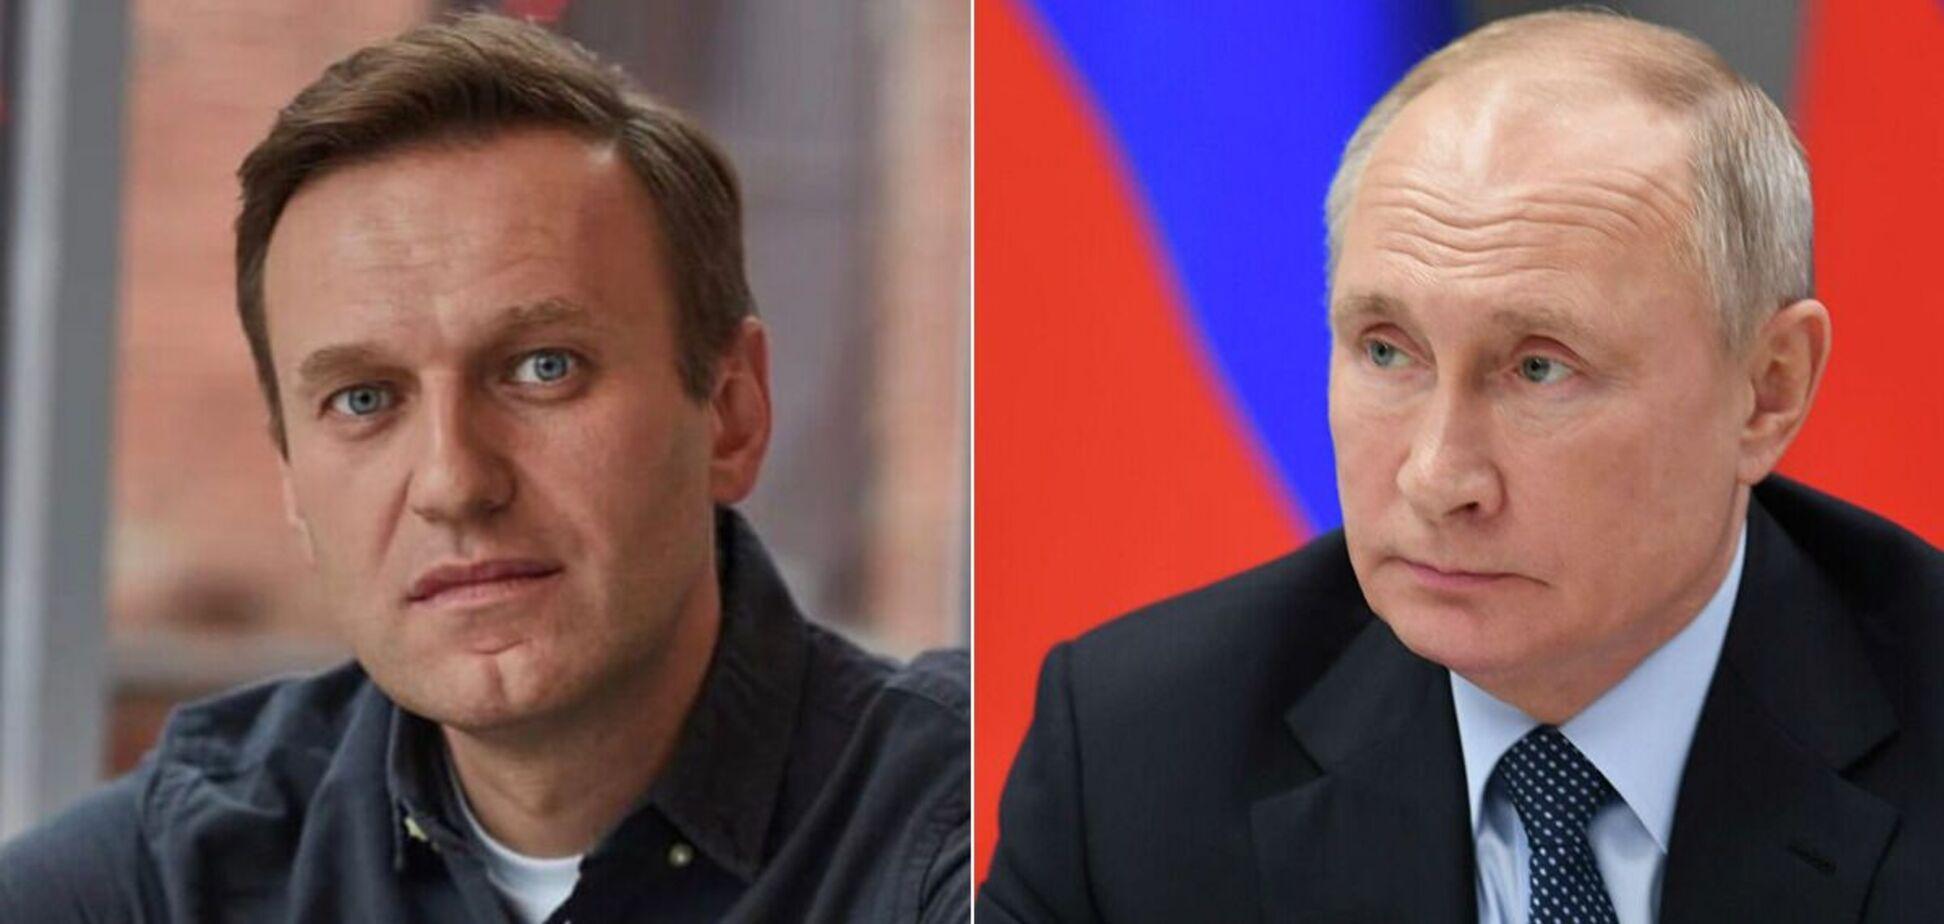 Олексій Навальний та Володимир Путін